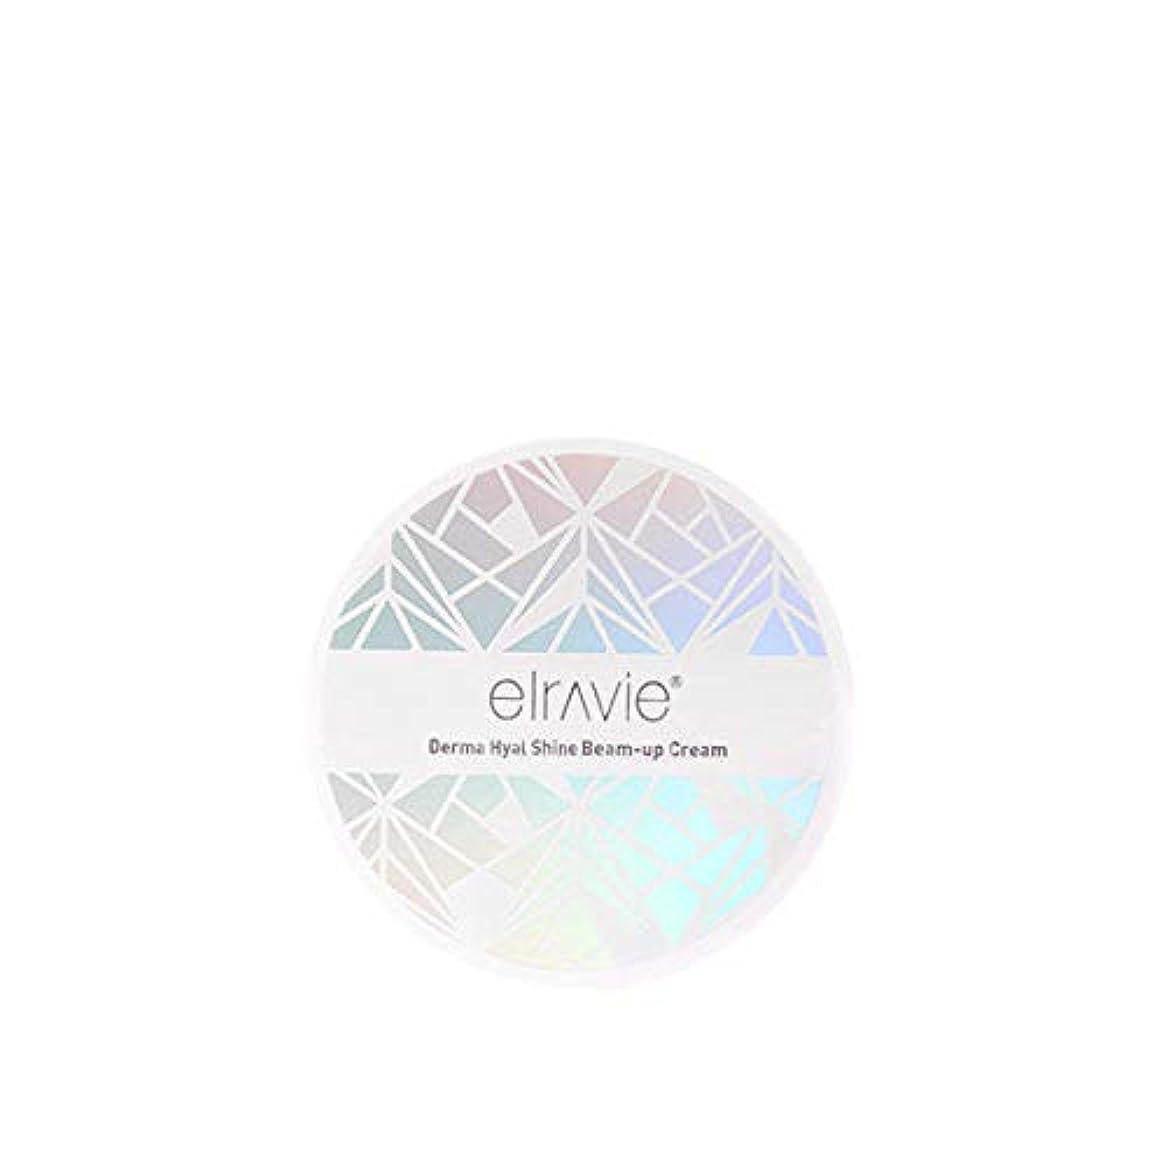 出発するボトル独立してエラヴィー[Elravie] ダーマヒアルロン酸 輝くビームアップクリーム15g / Derma Hyal Shine Beam-up Cream